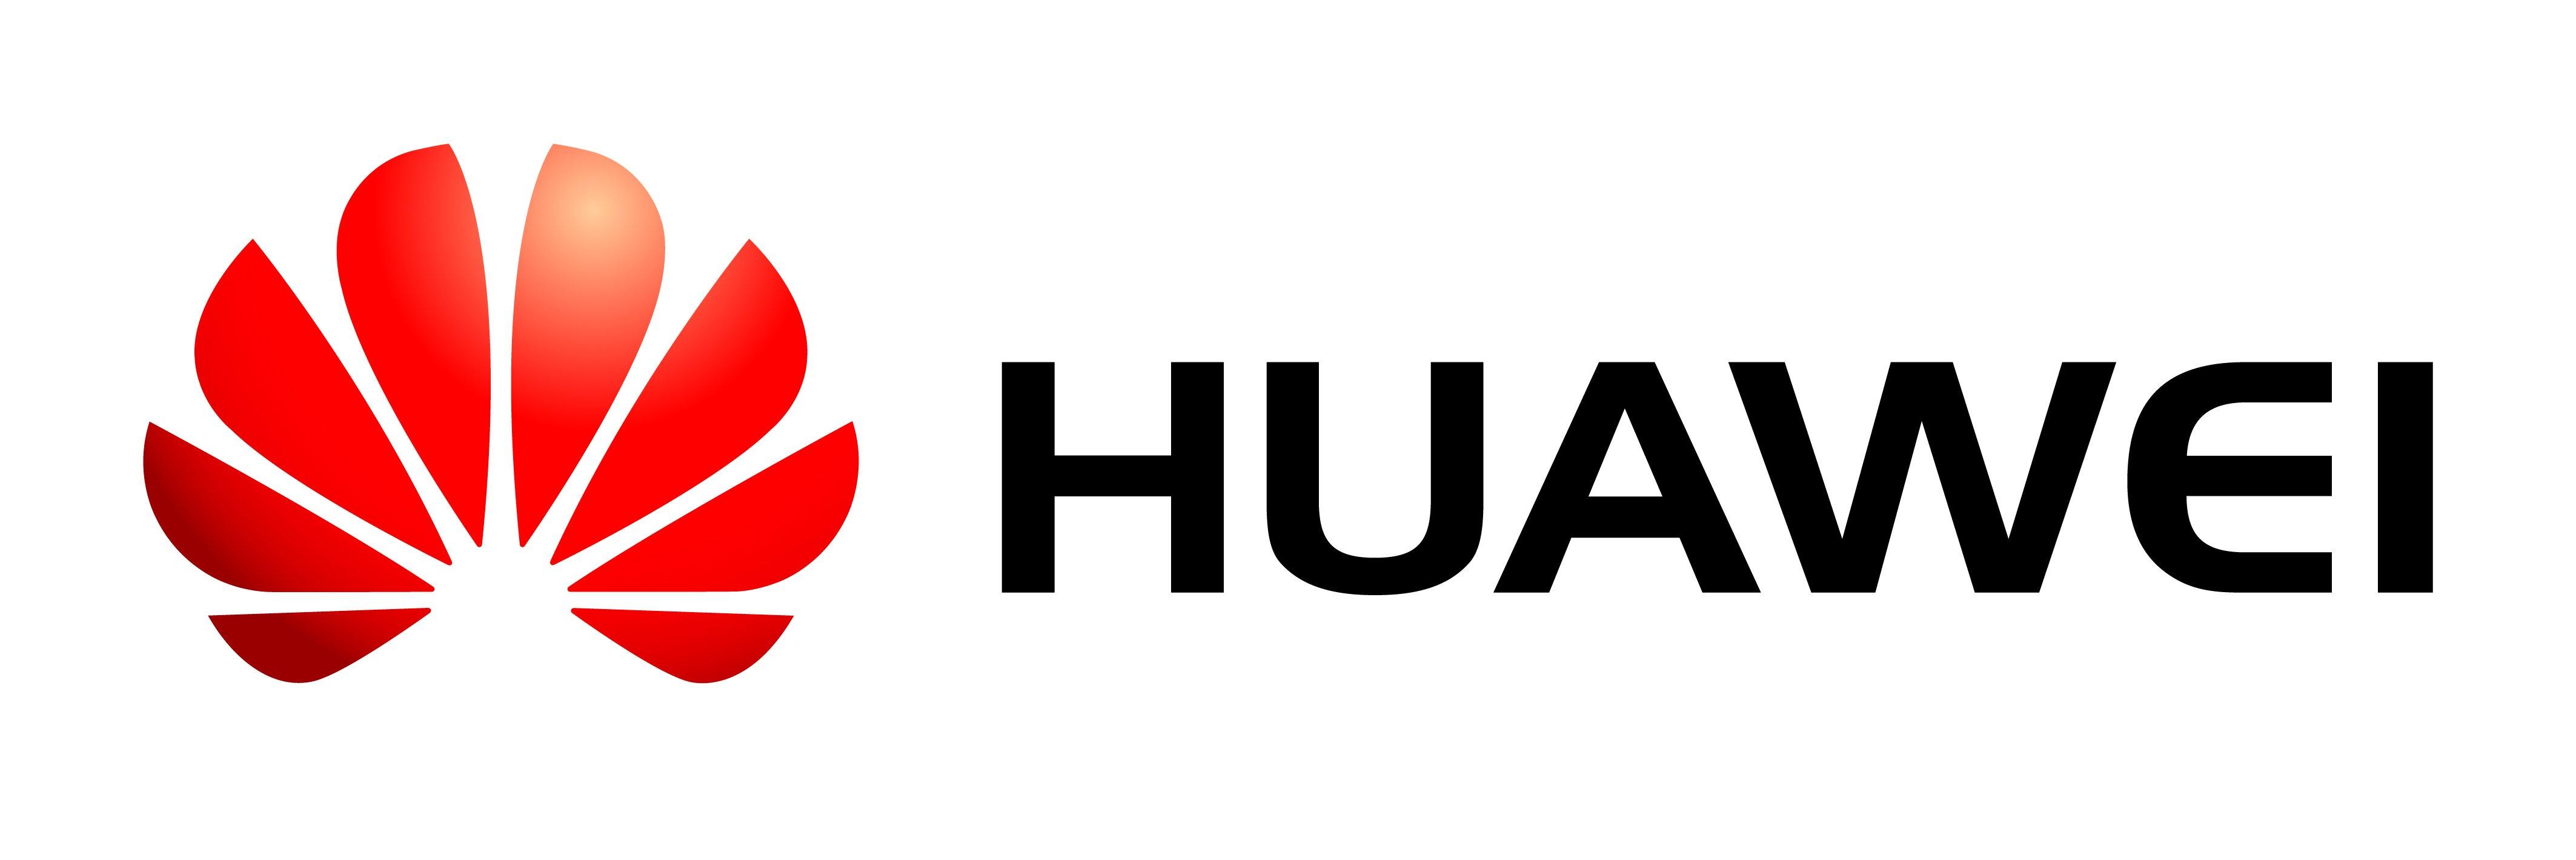 Huawei Honor V8 İle İlgili Son Bilgiler Huawei Honor V8 İle İlgili Son Bilgiler Huawei logo